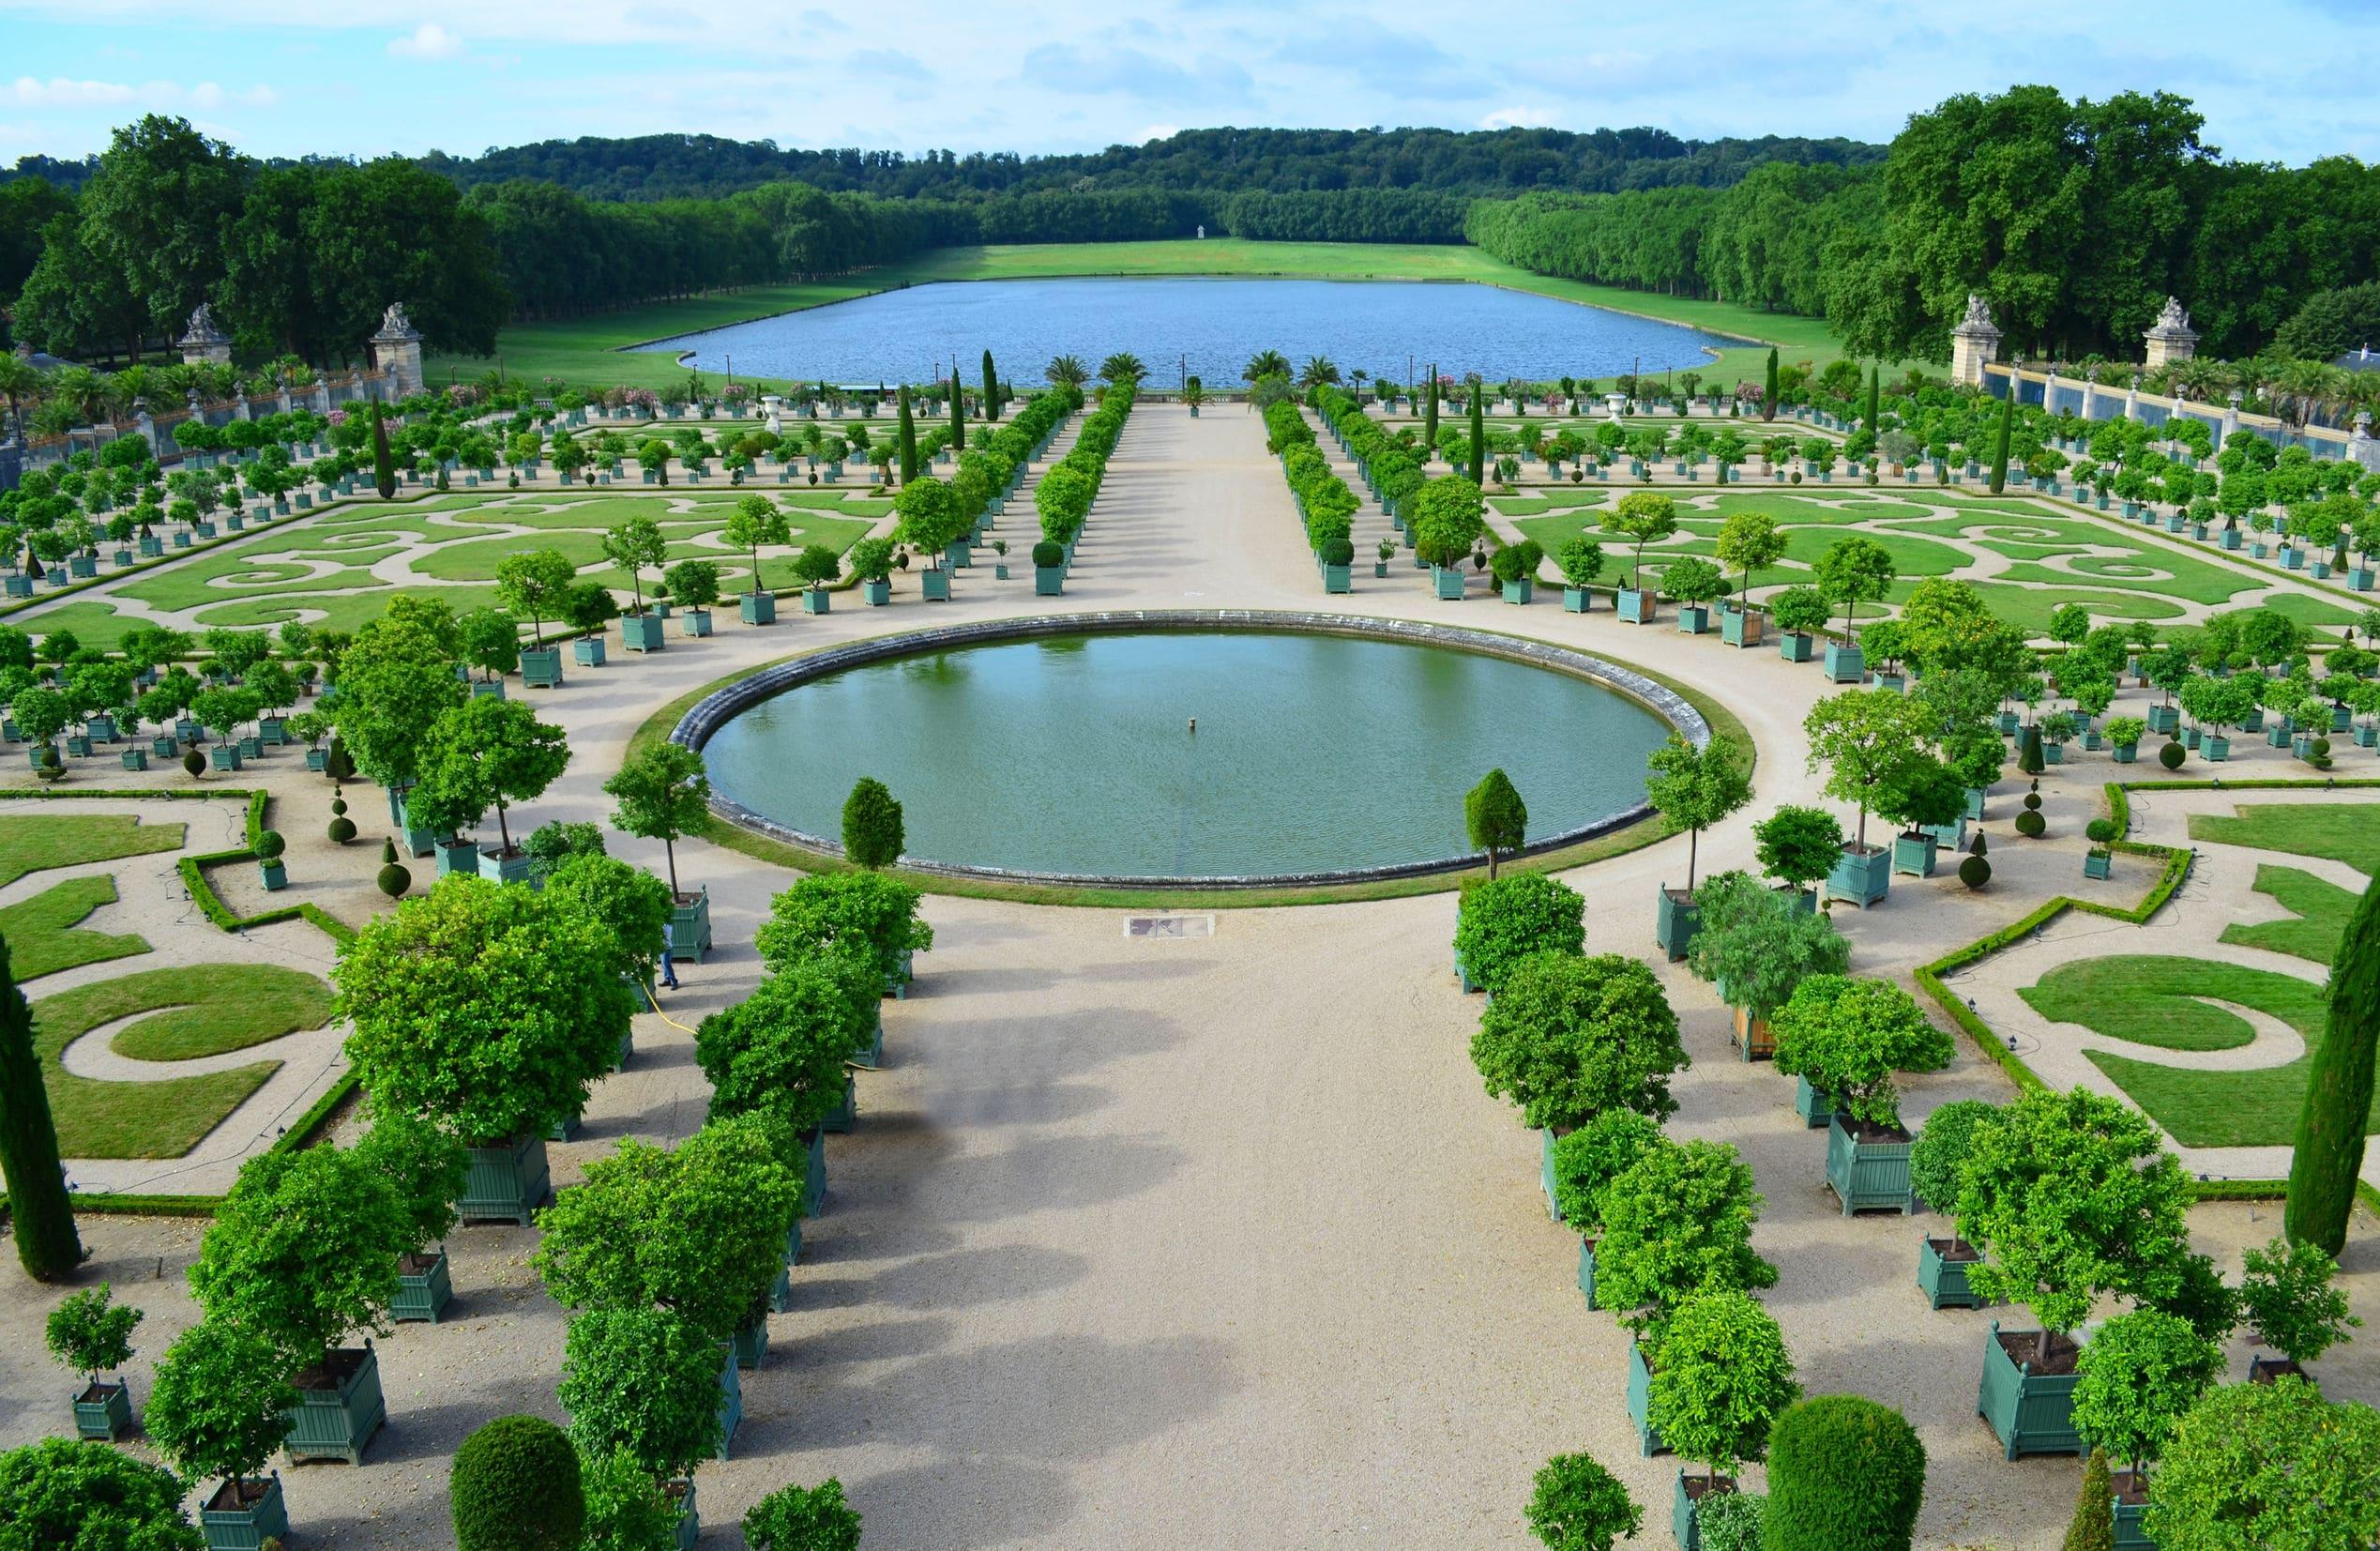 حدائق فرساي » دليل سفر